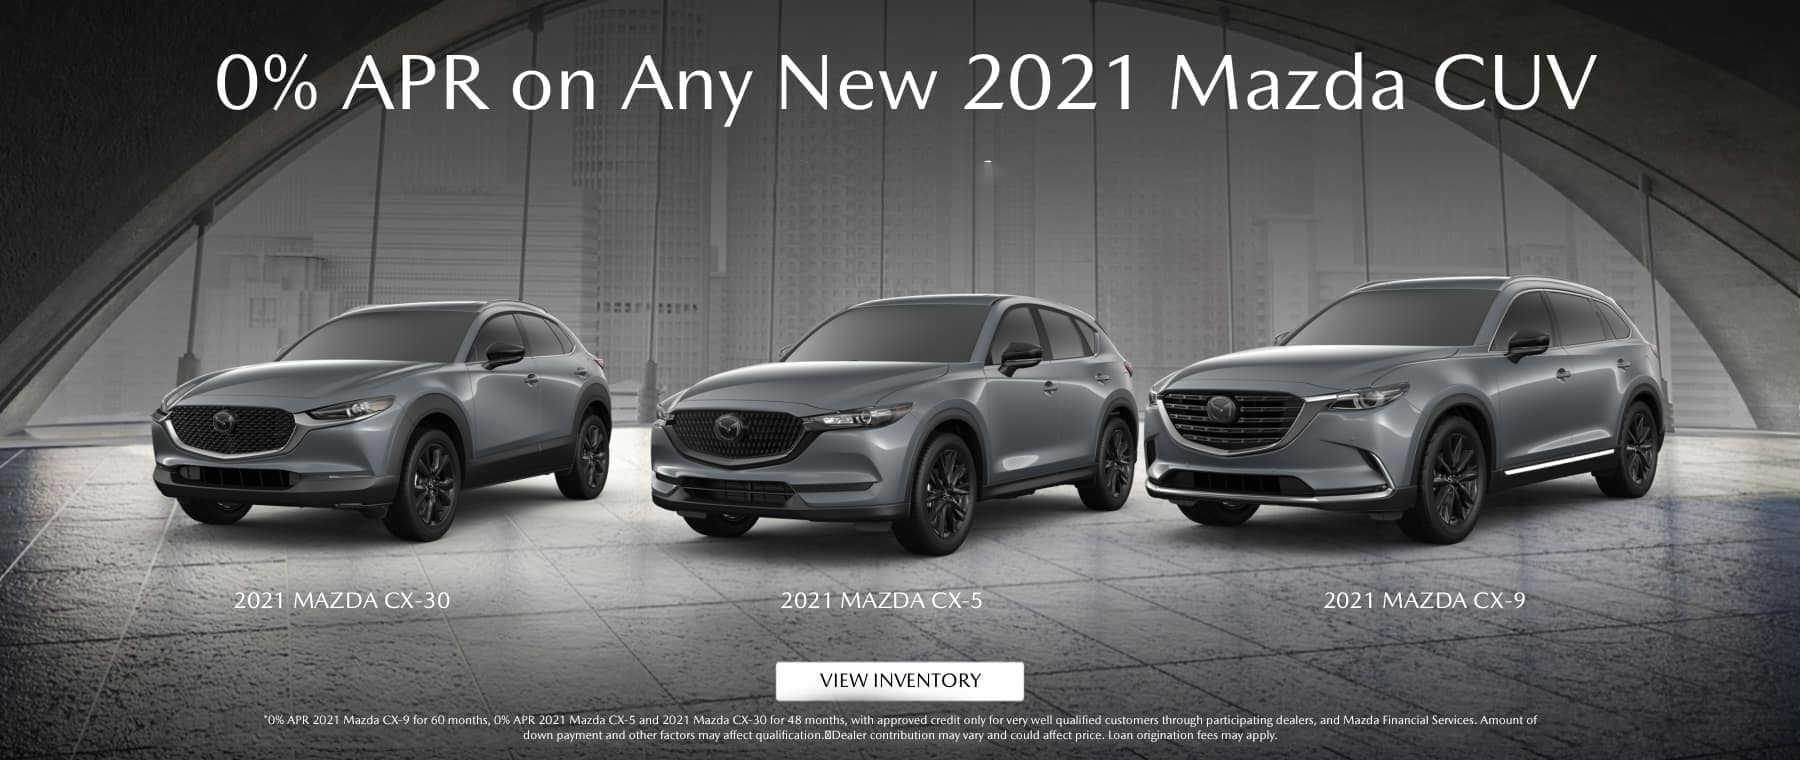 2021 Mazda CUV